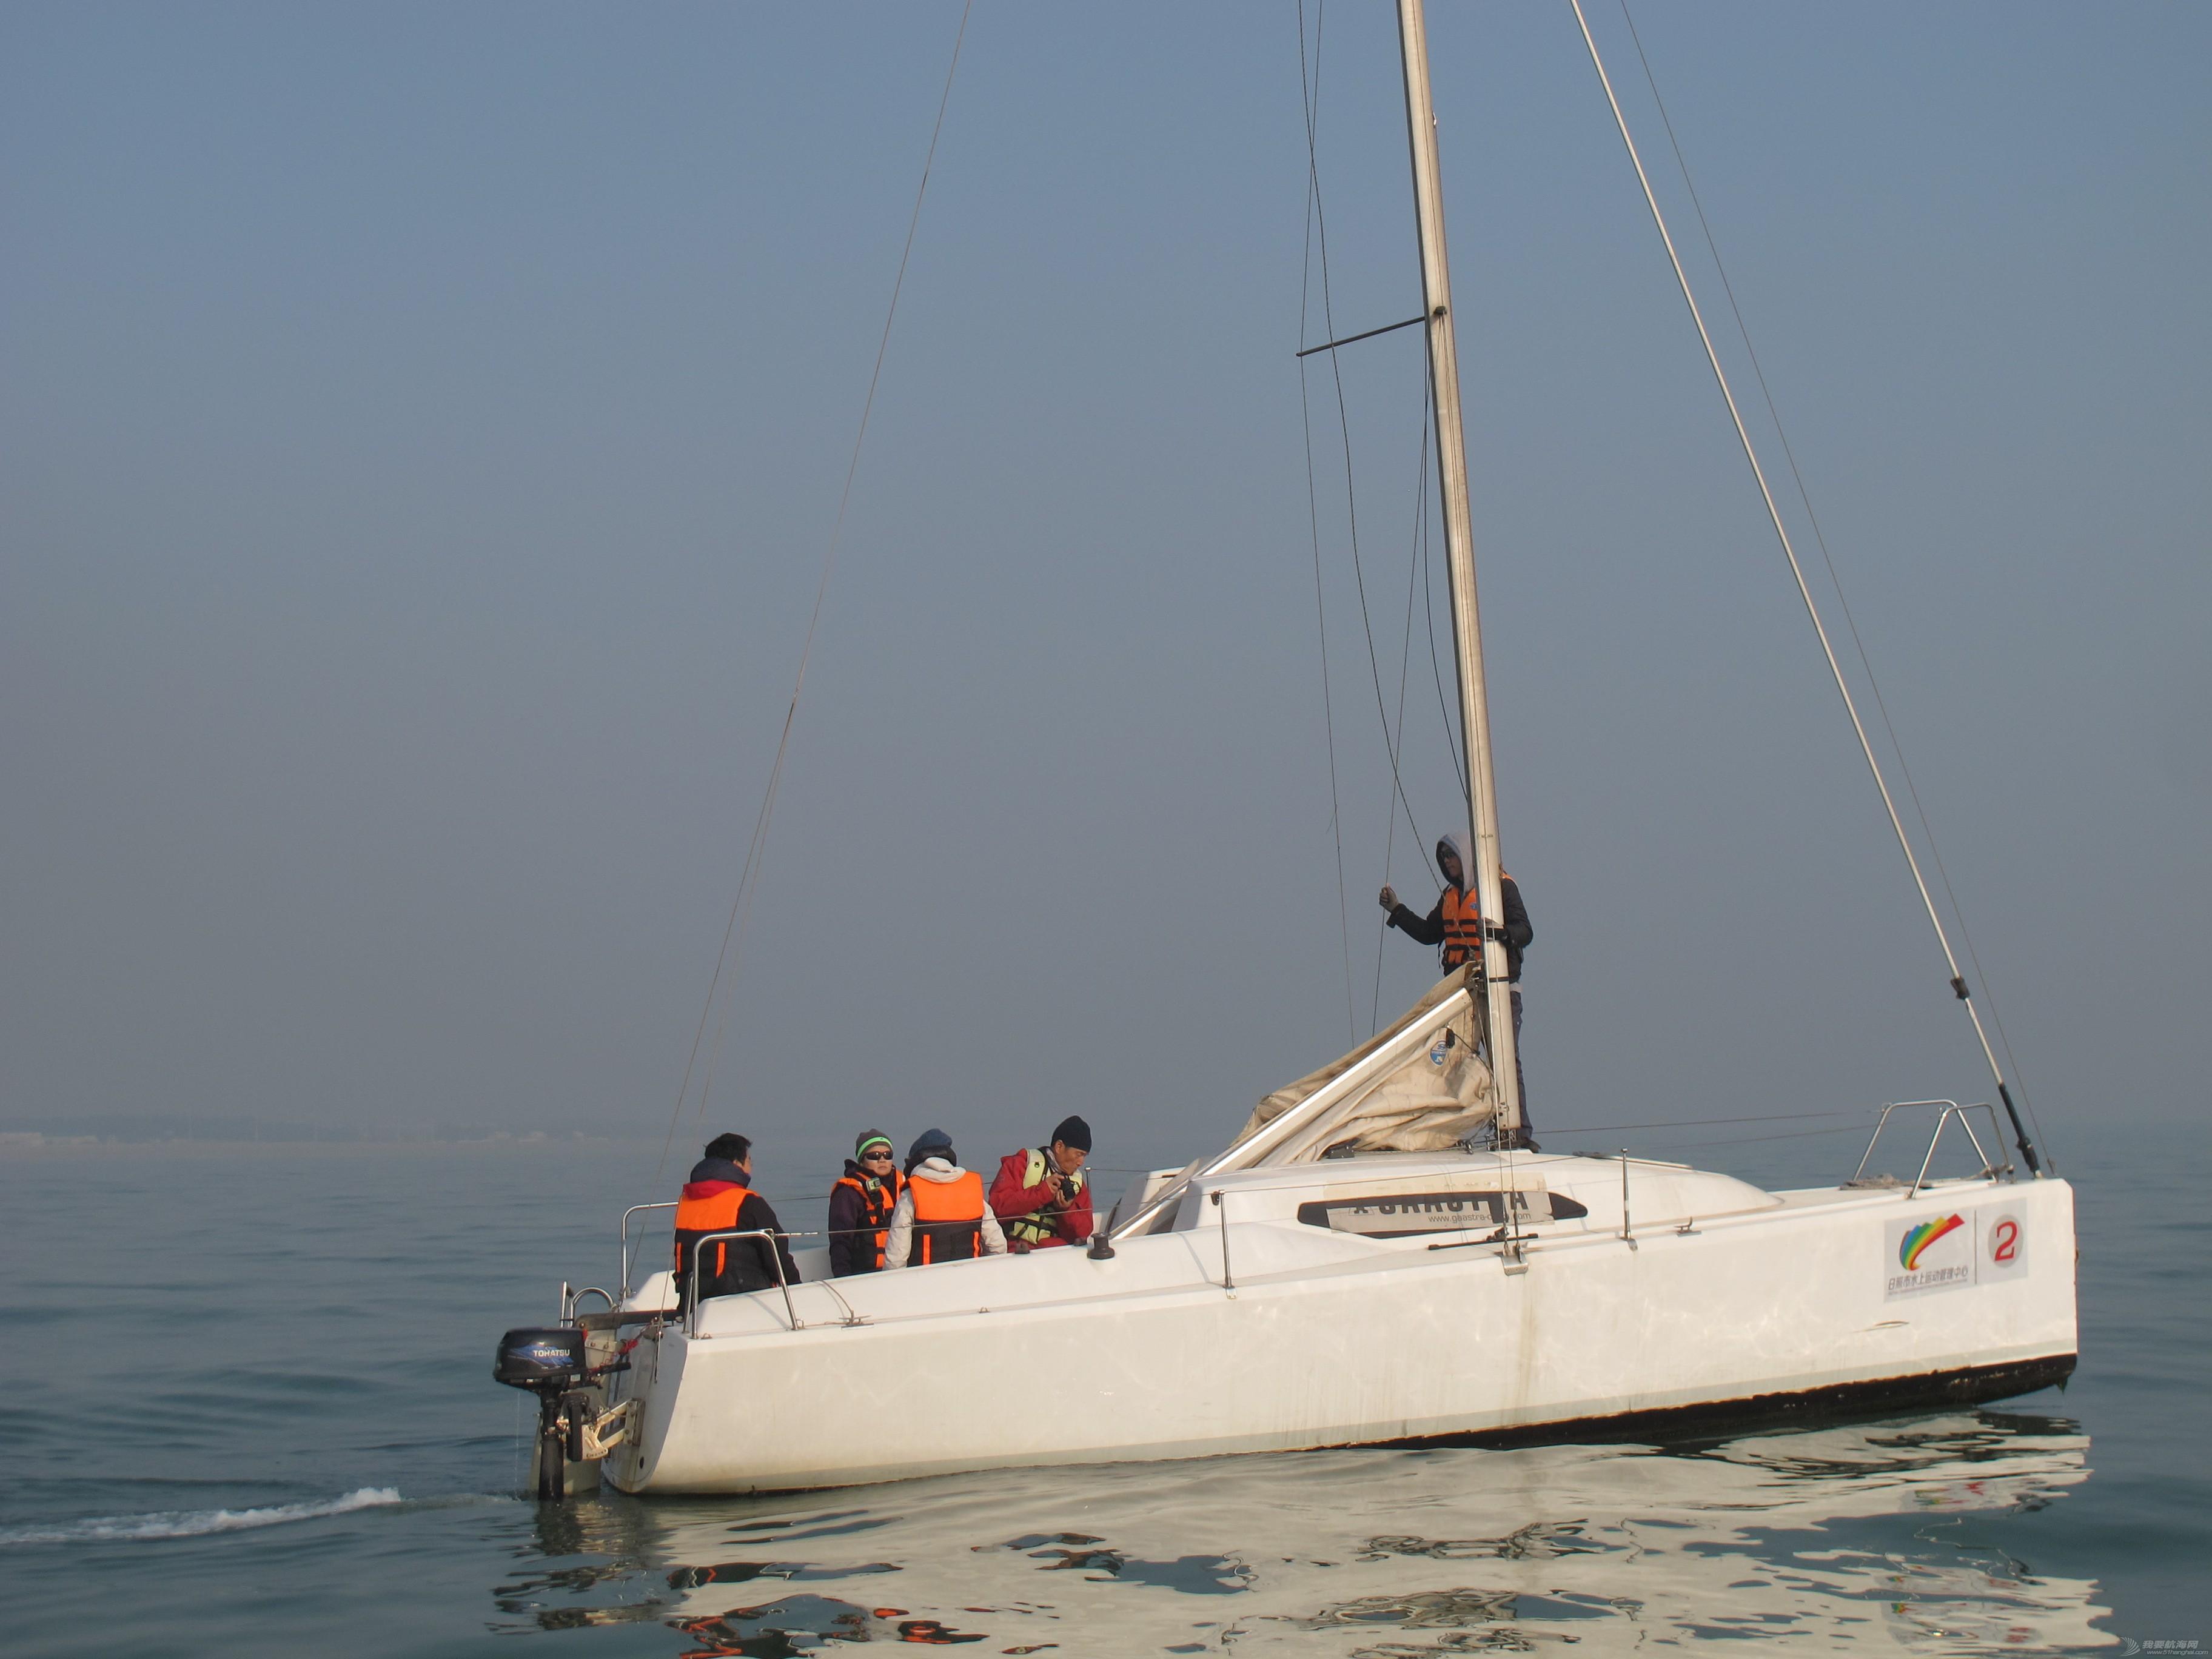 帆船 免费航海不是梦…我是十四期学员(我要去航海/全民公益航海帆船训练) IMG_7881.JPG